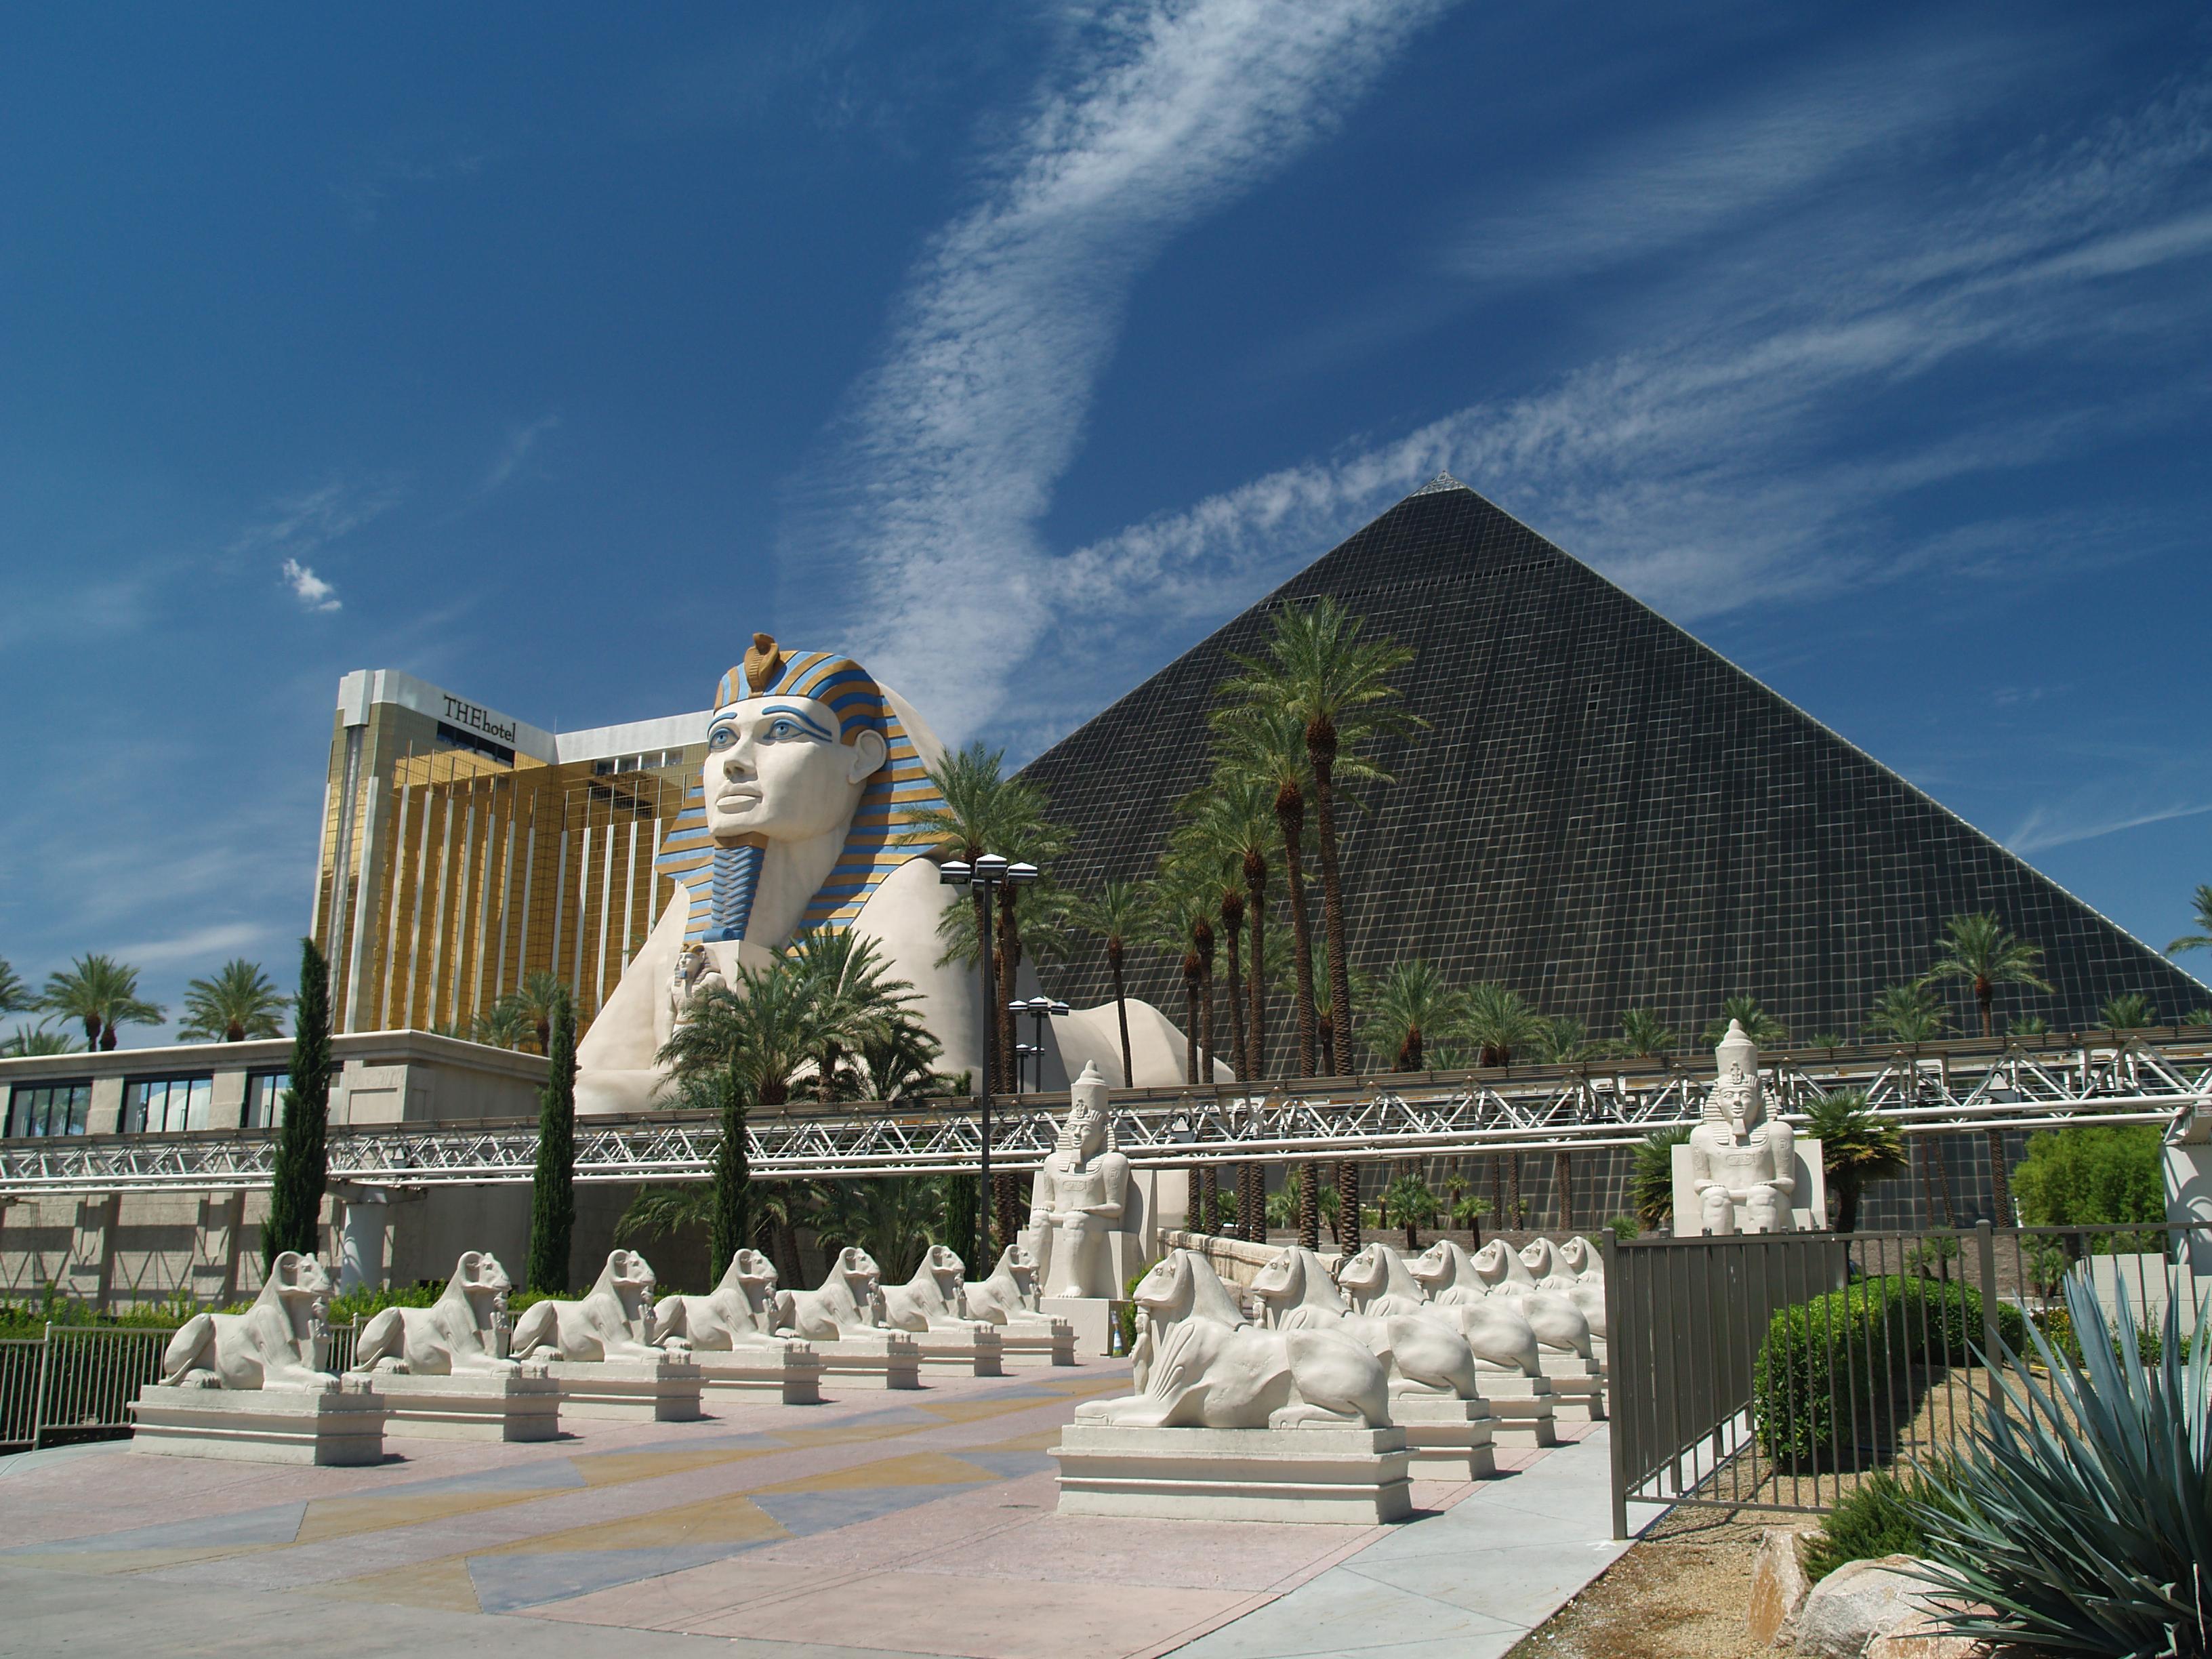 I казино пирамида гранд казино онлайн вход зеркало